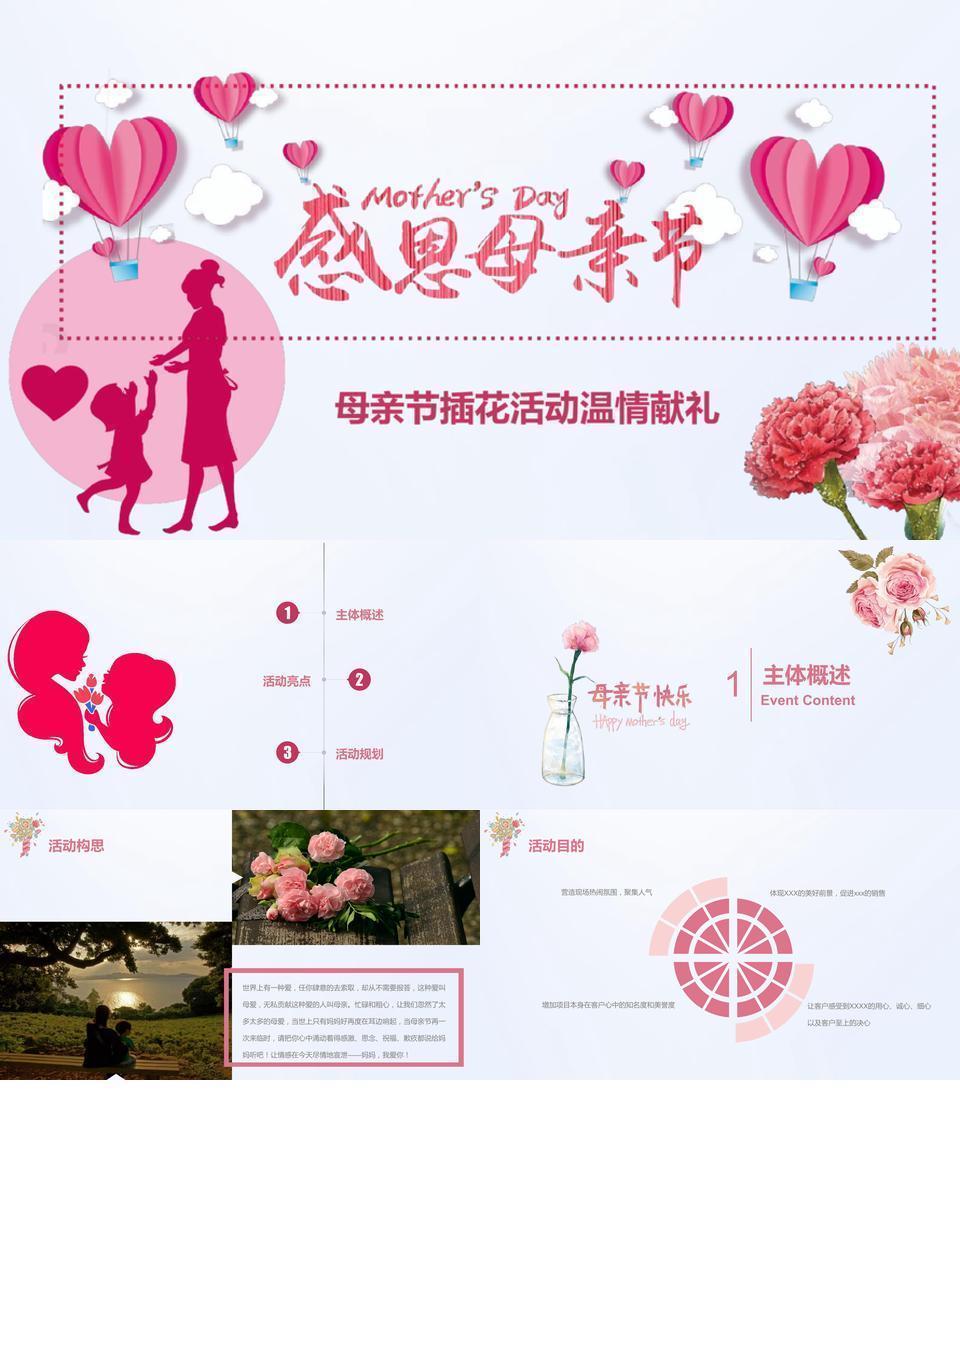 母亲节活动策划粉红色淡雅模板母亲节插花活动温情献礼